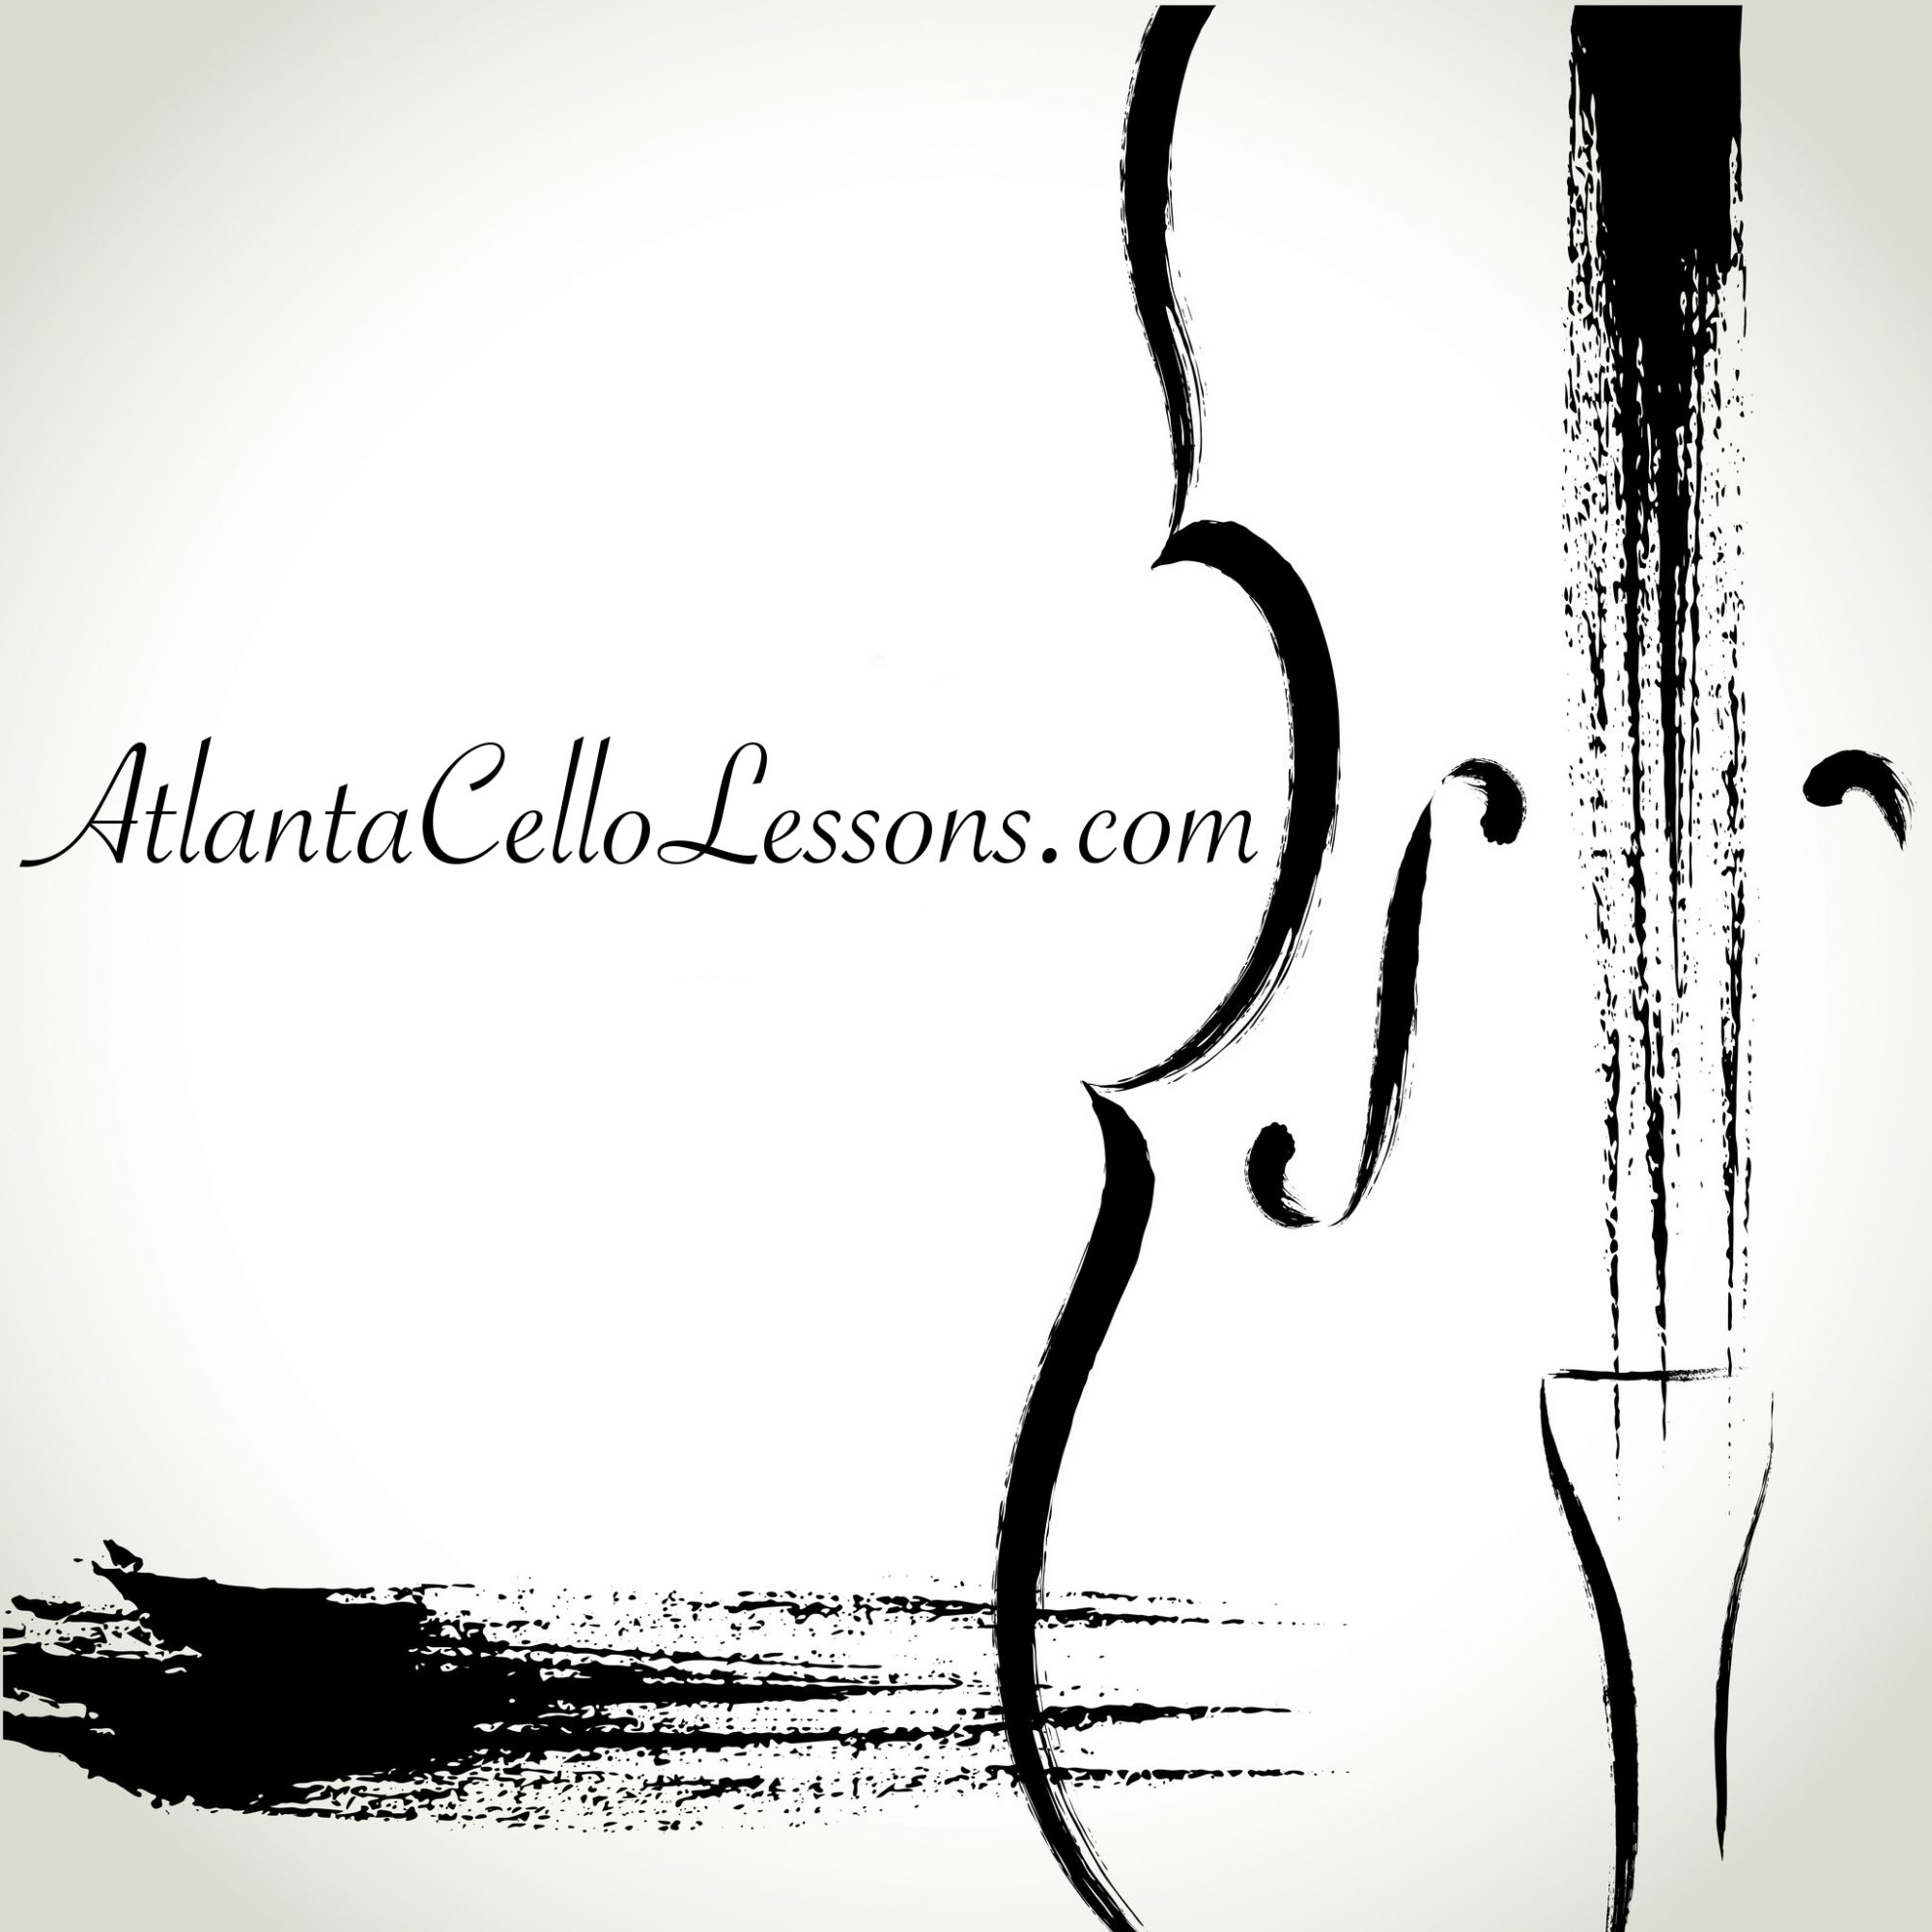 Atlanta Cello Lessons